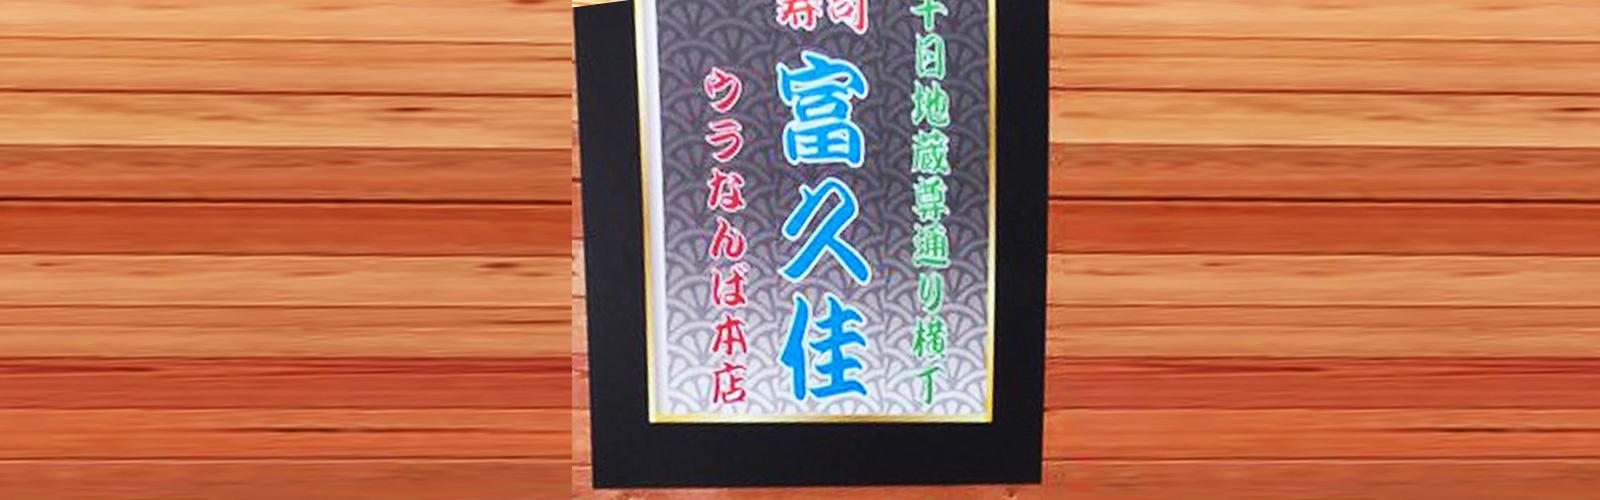 富久佳 空堀店(大阪・空堀)